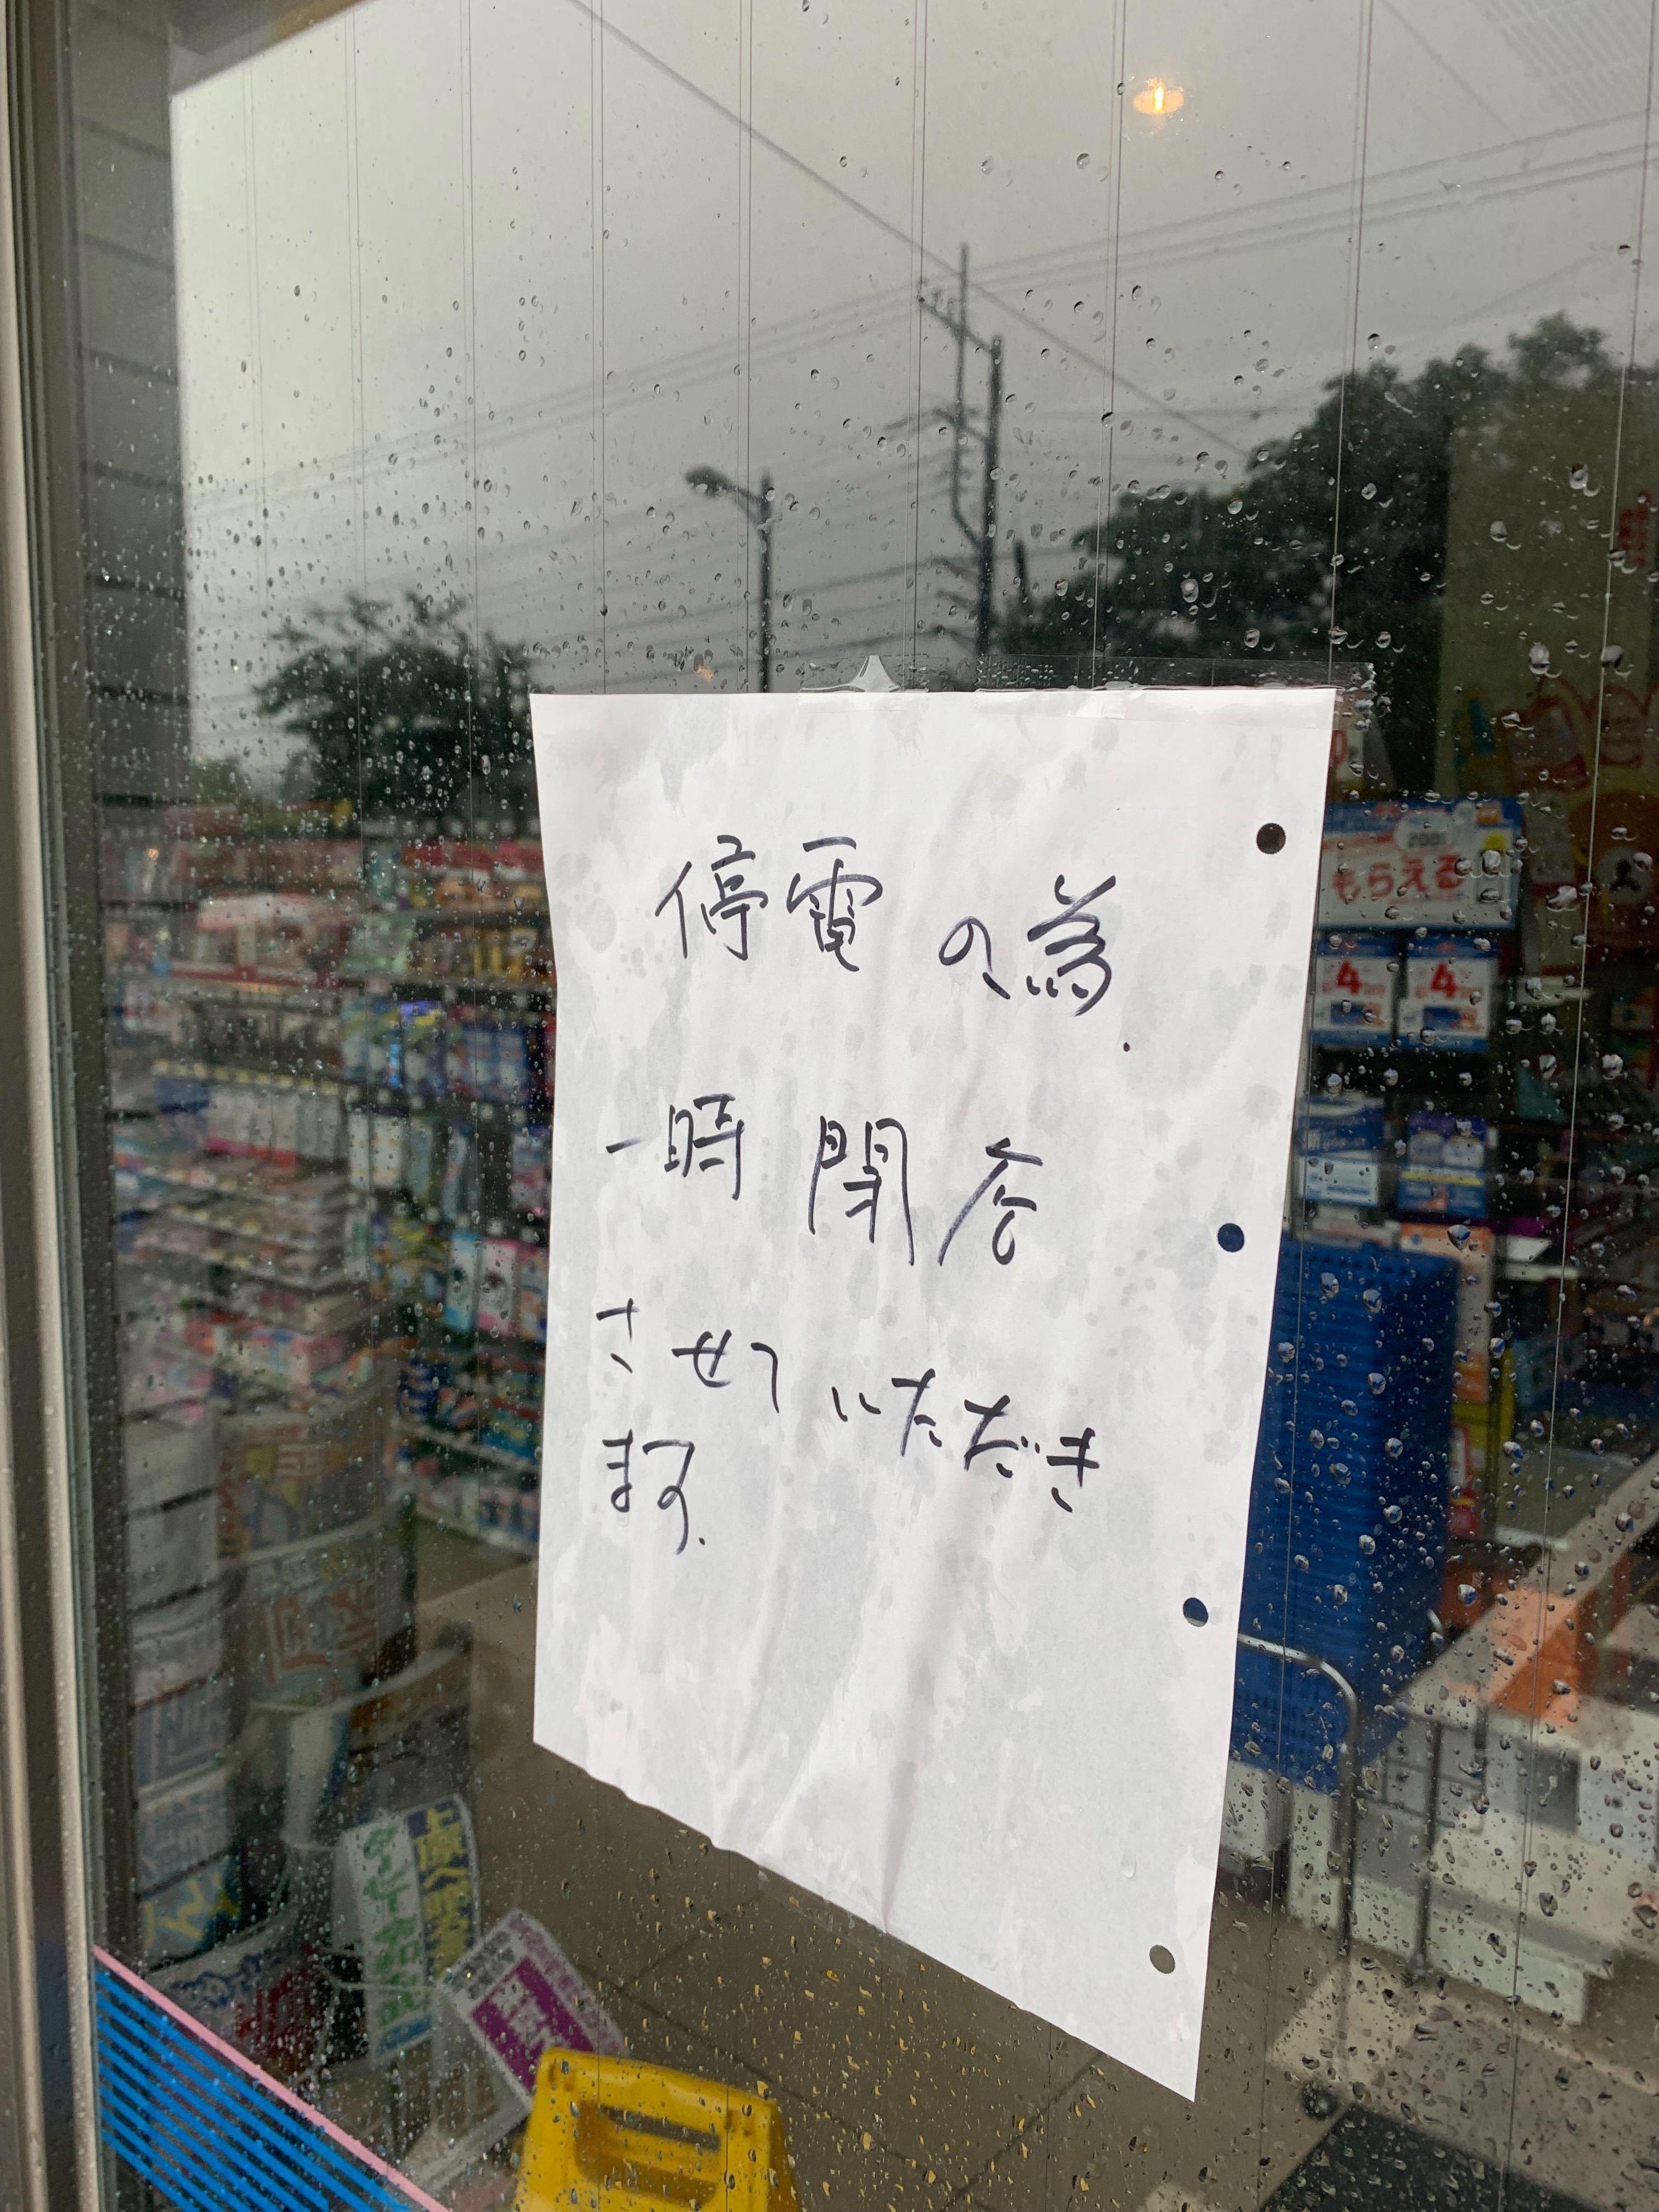 ローソンLTF遠藤店には手書きの張り紙が貼られた(読者提供)